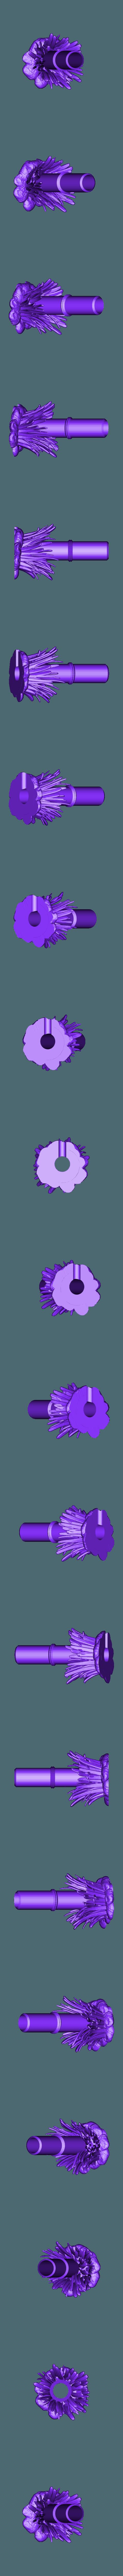 Tiny_Tiki_Base.stl Download free STL file Tiny Tiki • 3D printable template, Zippityboomba